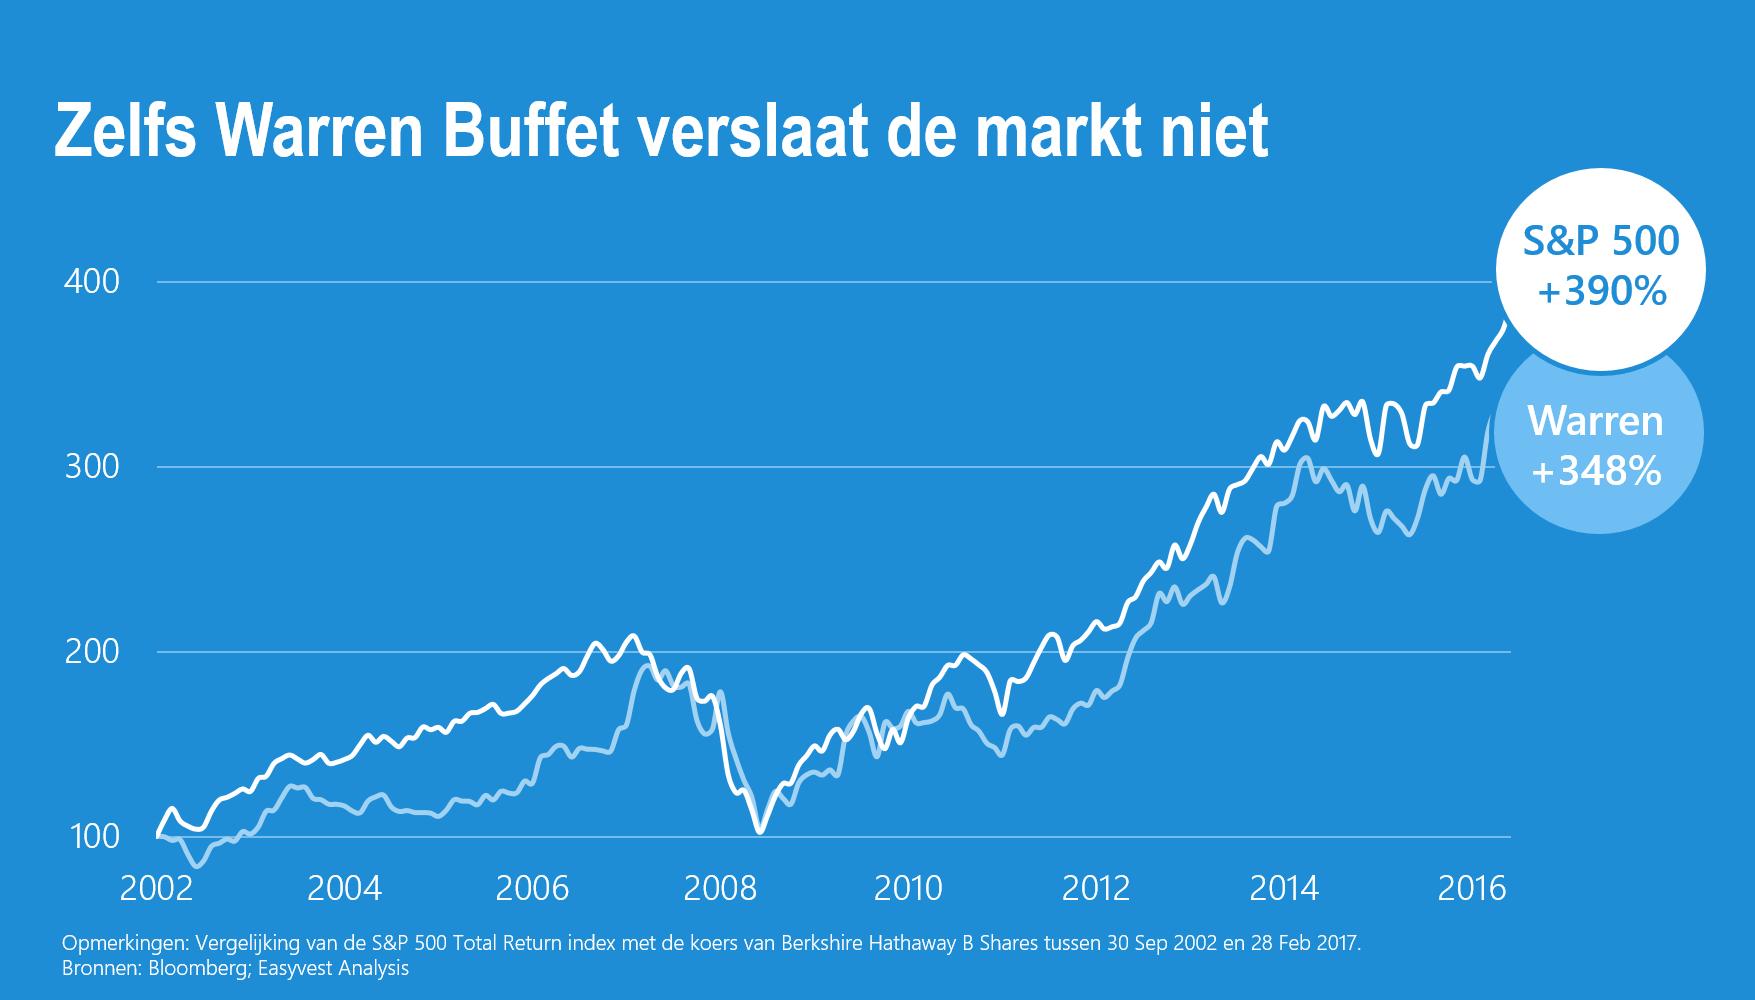 De beste investeerder in de wereld wist de markt al 15 jaar lang niet te verslaan